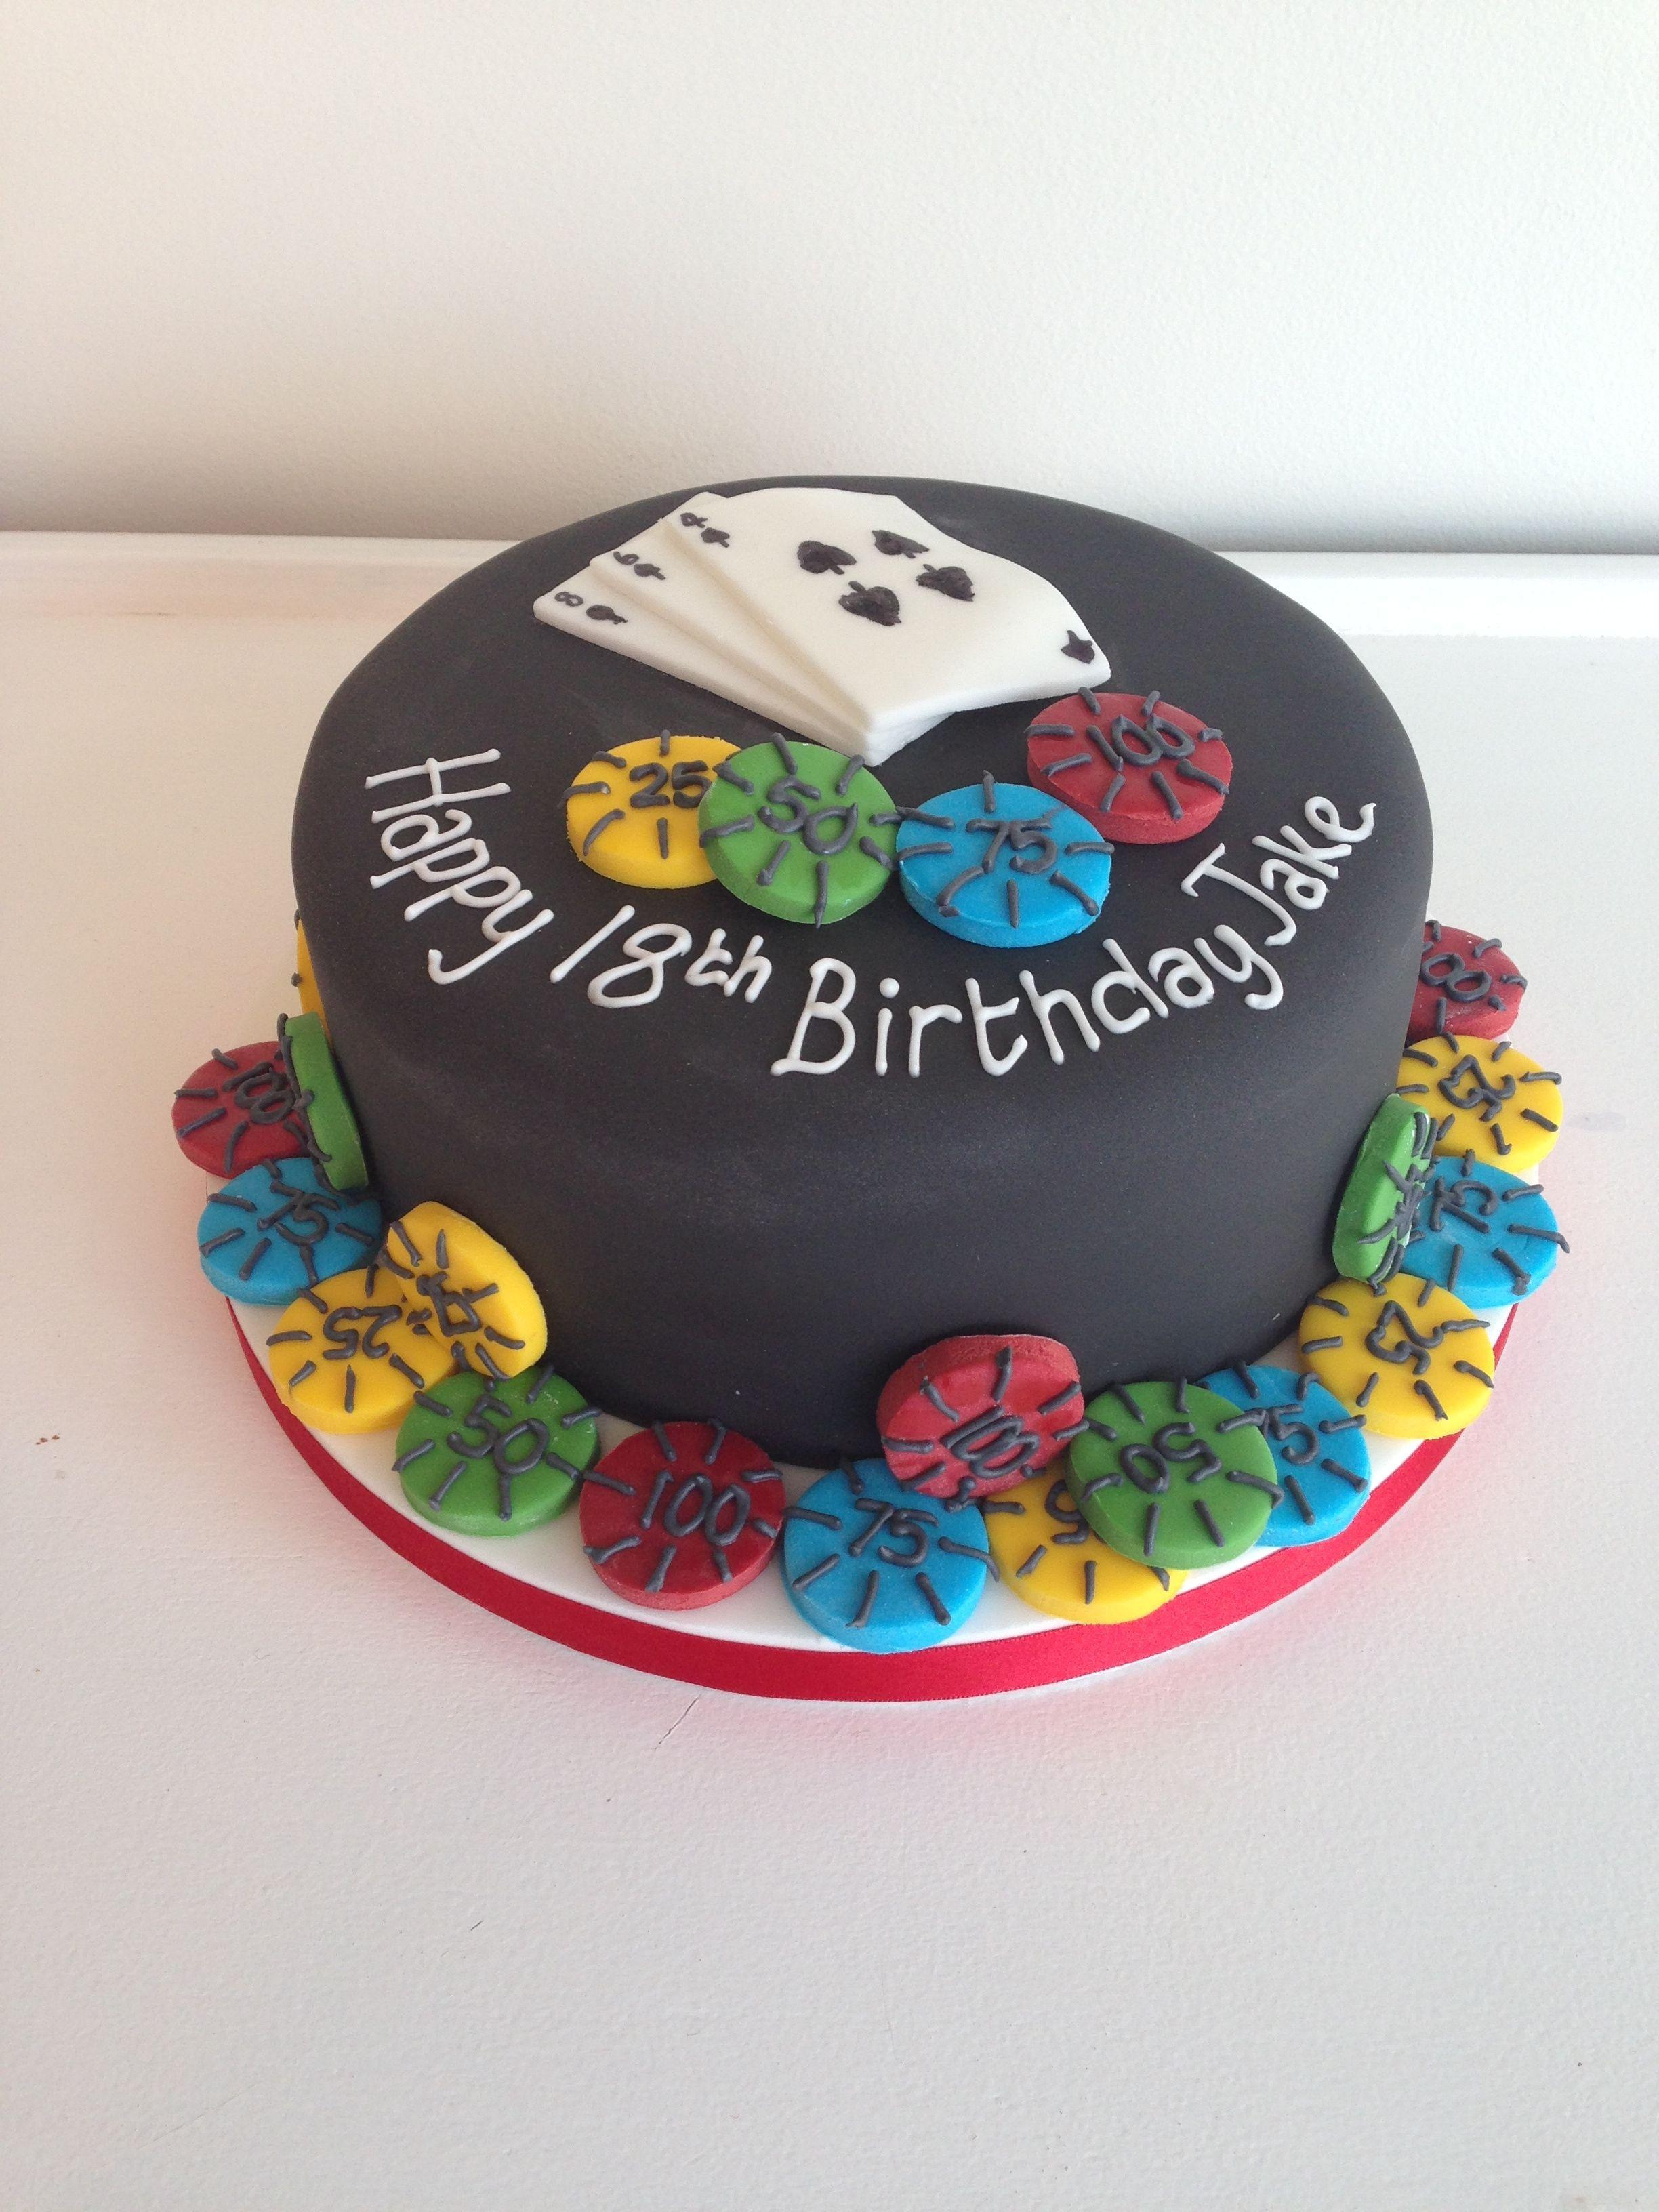 Male Birthday Cakes Bedfordshire, Hertfordshire